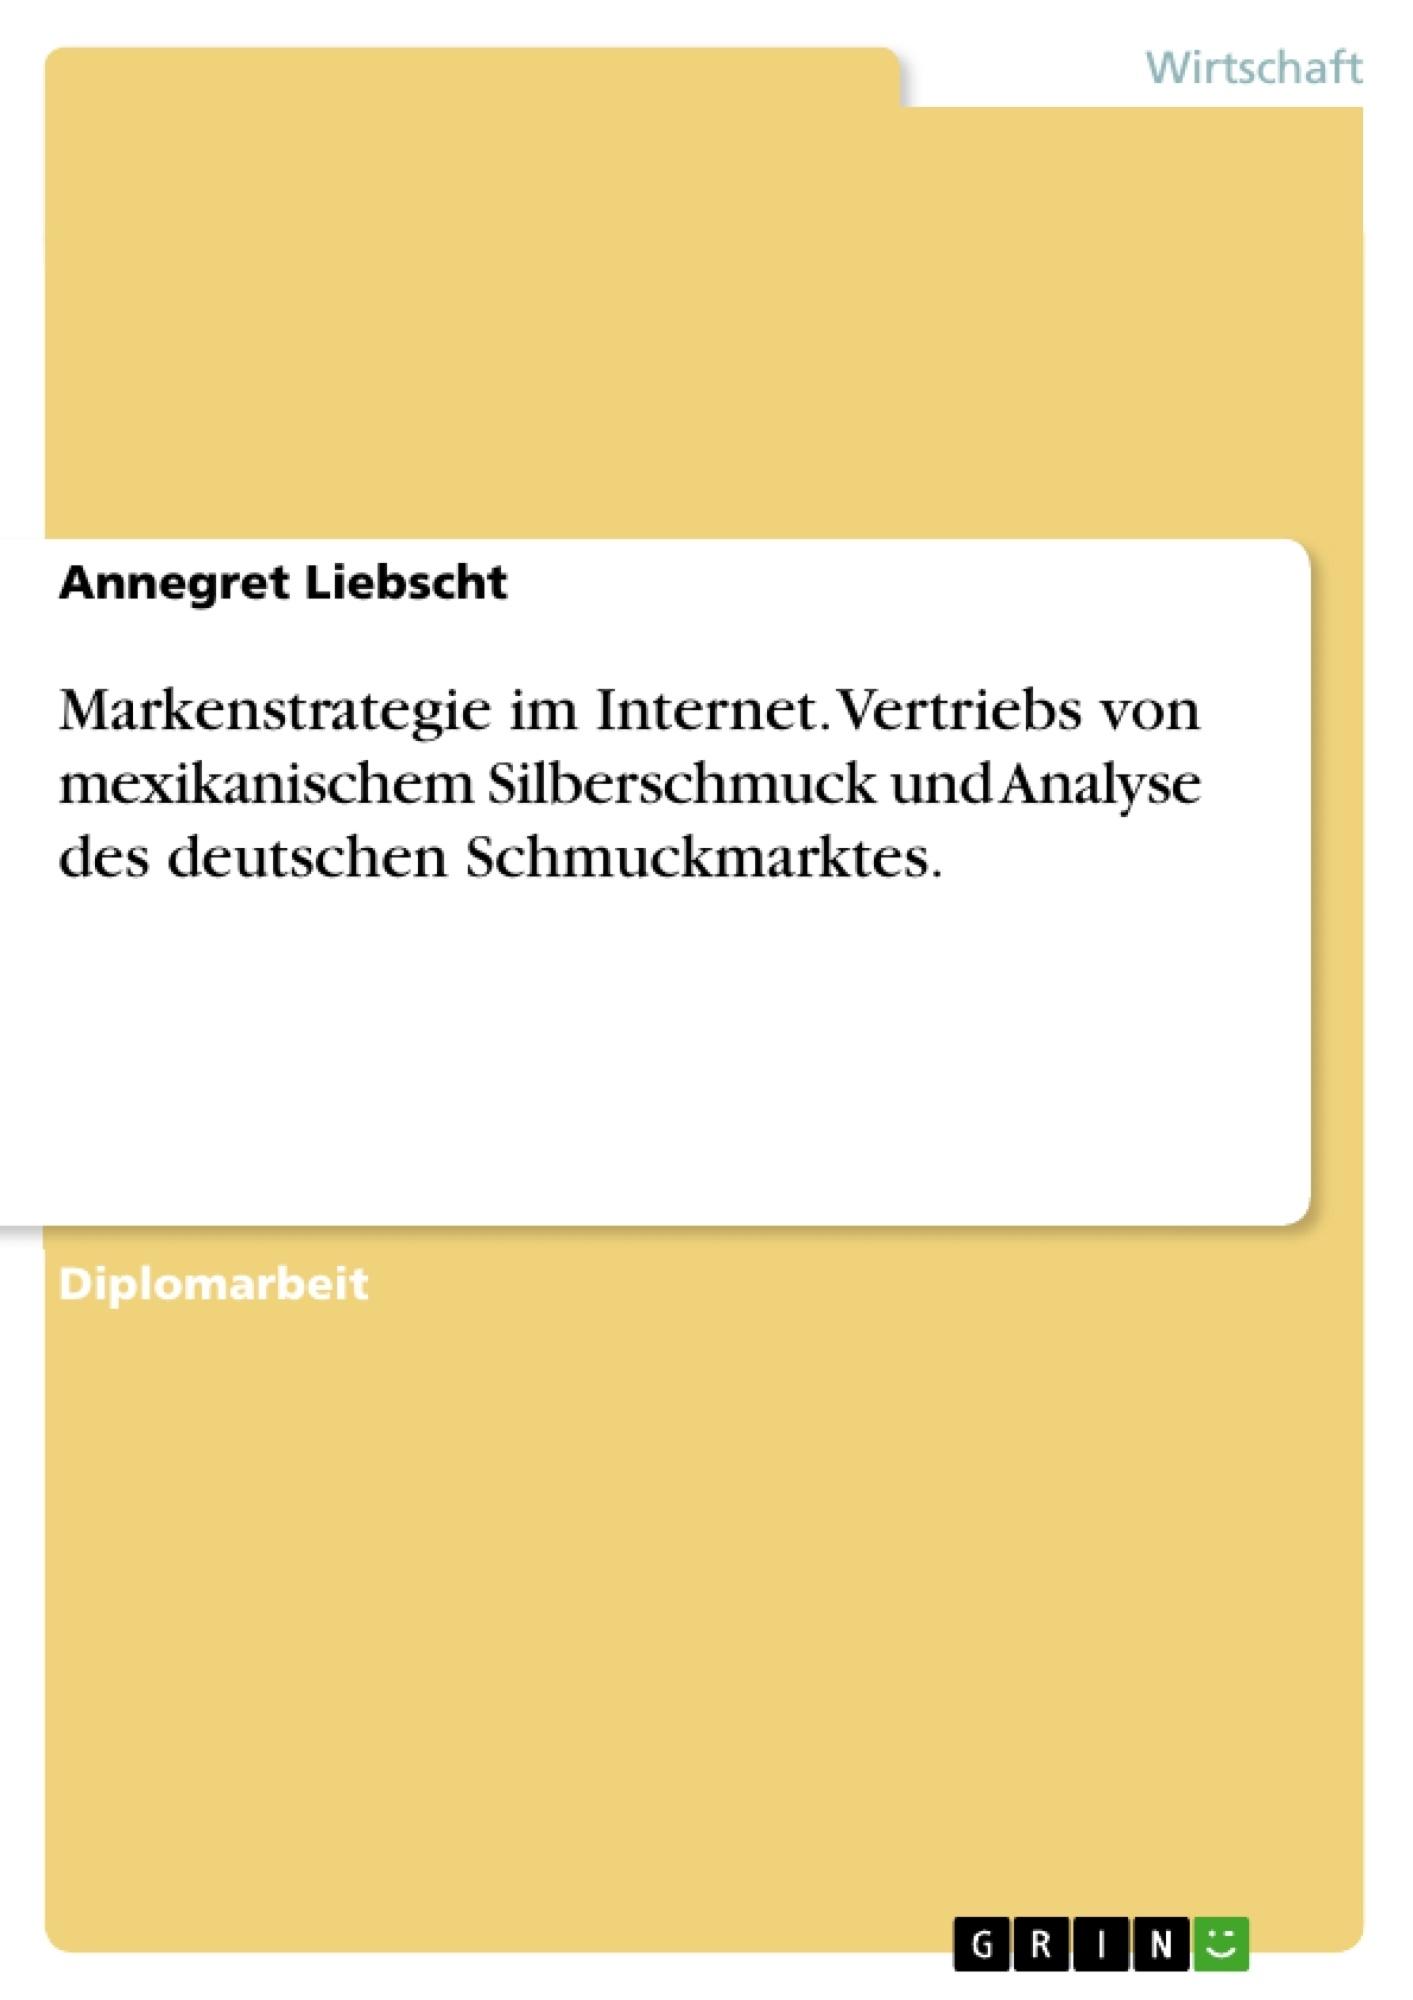 Titel: Markenstrategie im Internet. Vertriebs von mexikanischem Silberschmuck und Analyse des deutschen Schmuckmarktes.